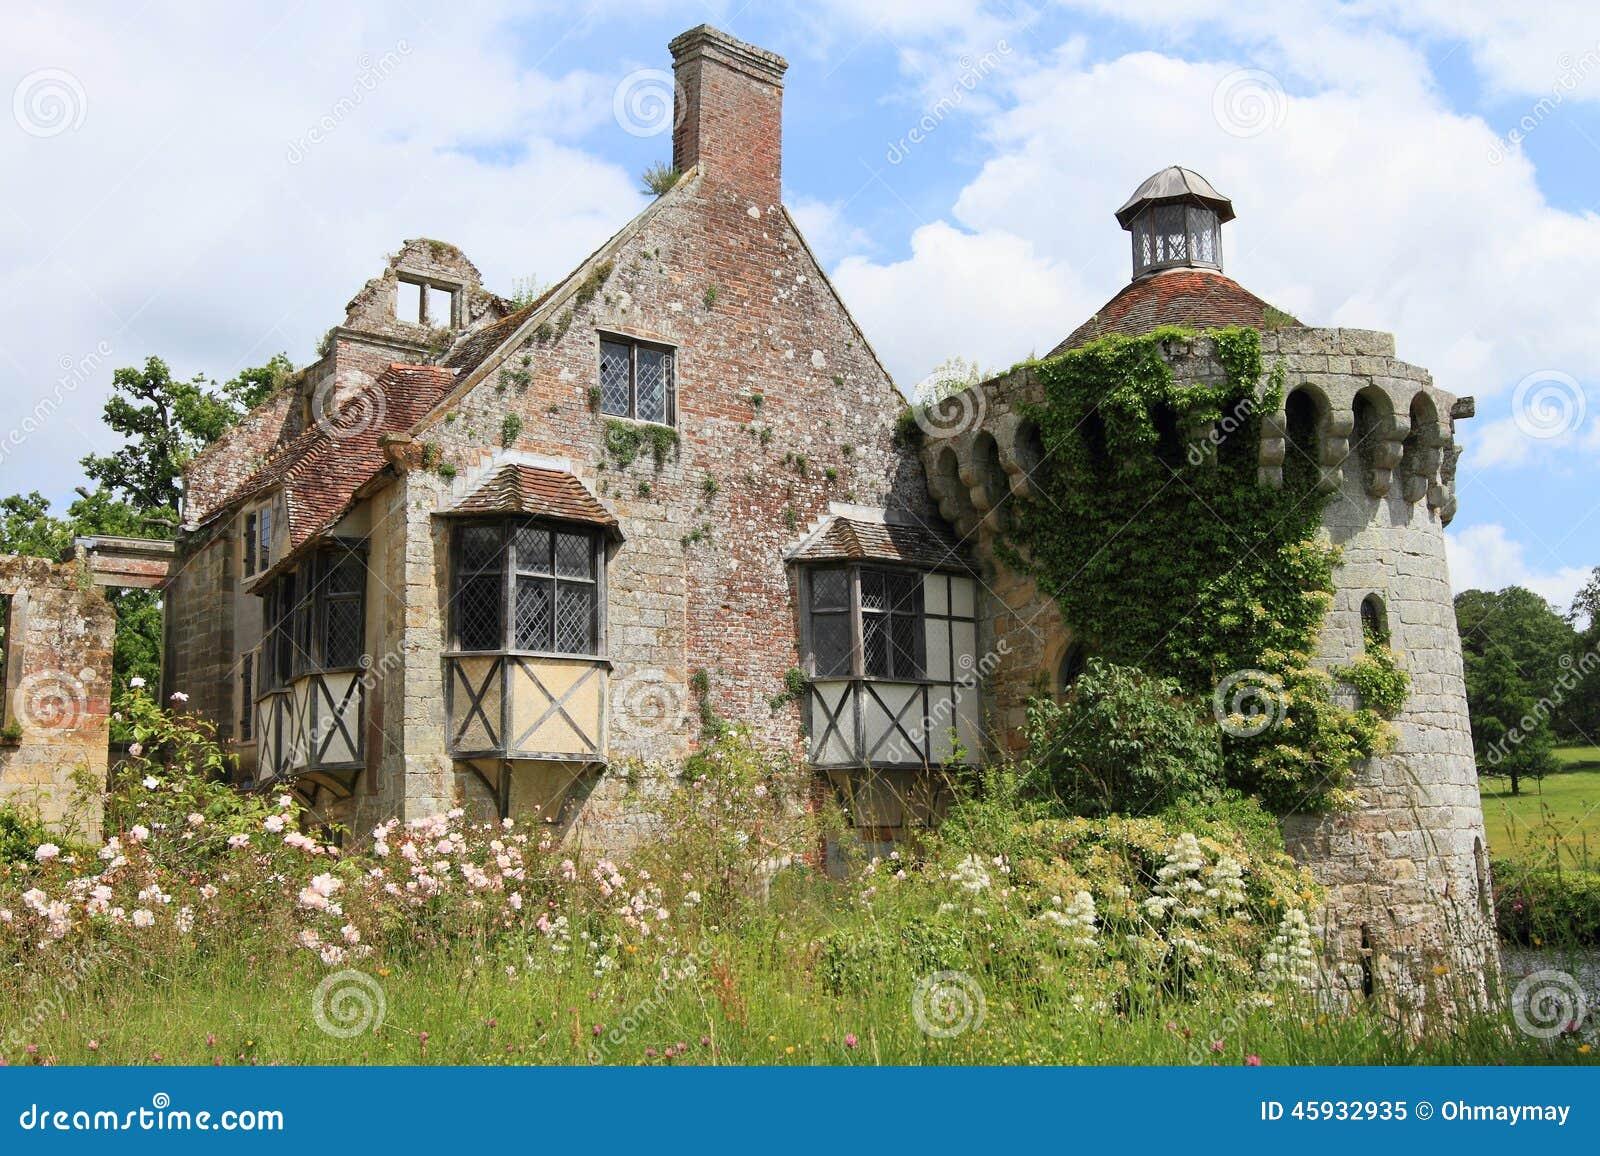 Belle maison de campagne anglaise dans kent photo stock - Maison de campagne anglaise ...